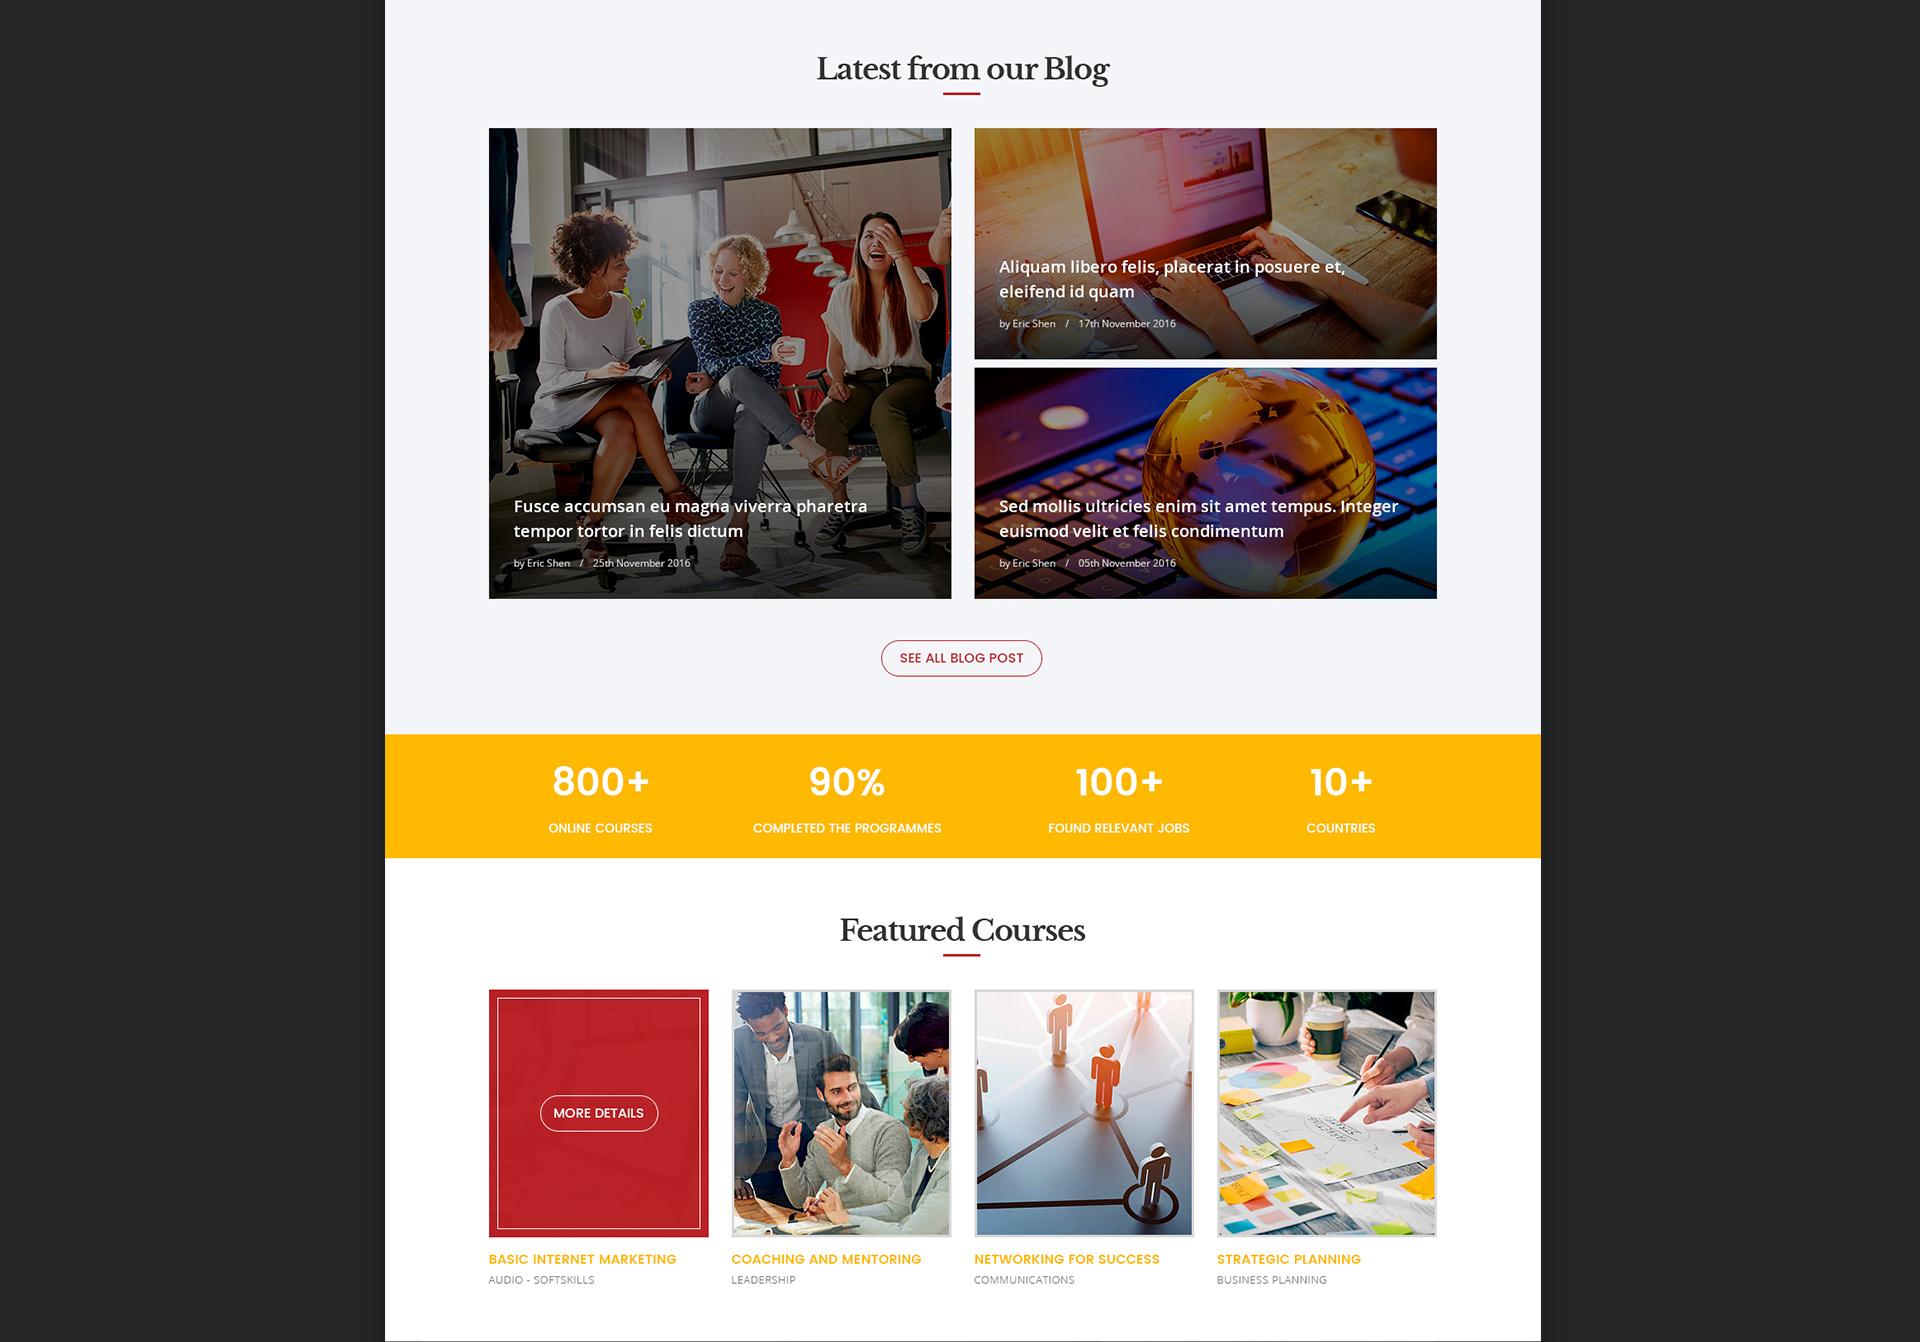 AgileLearning-2